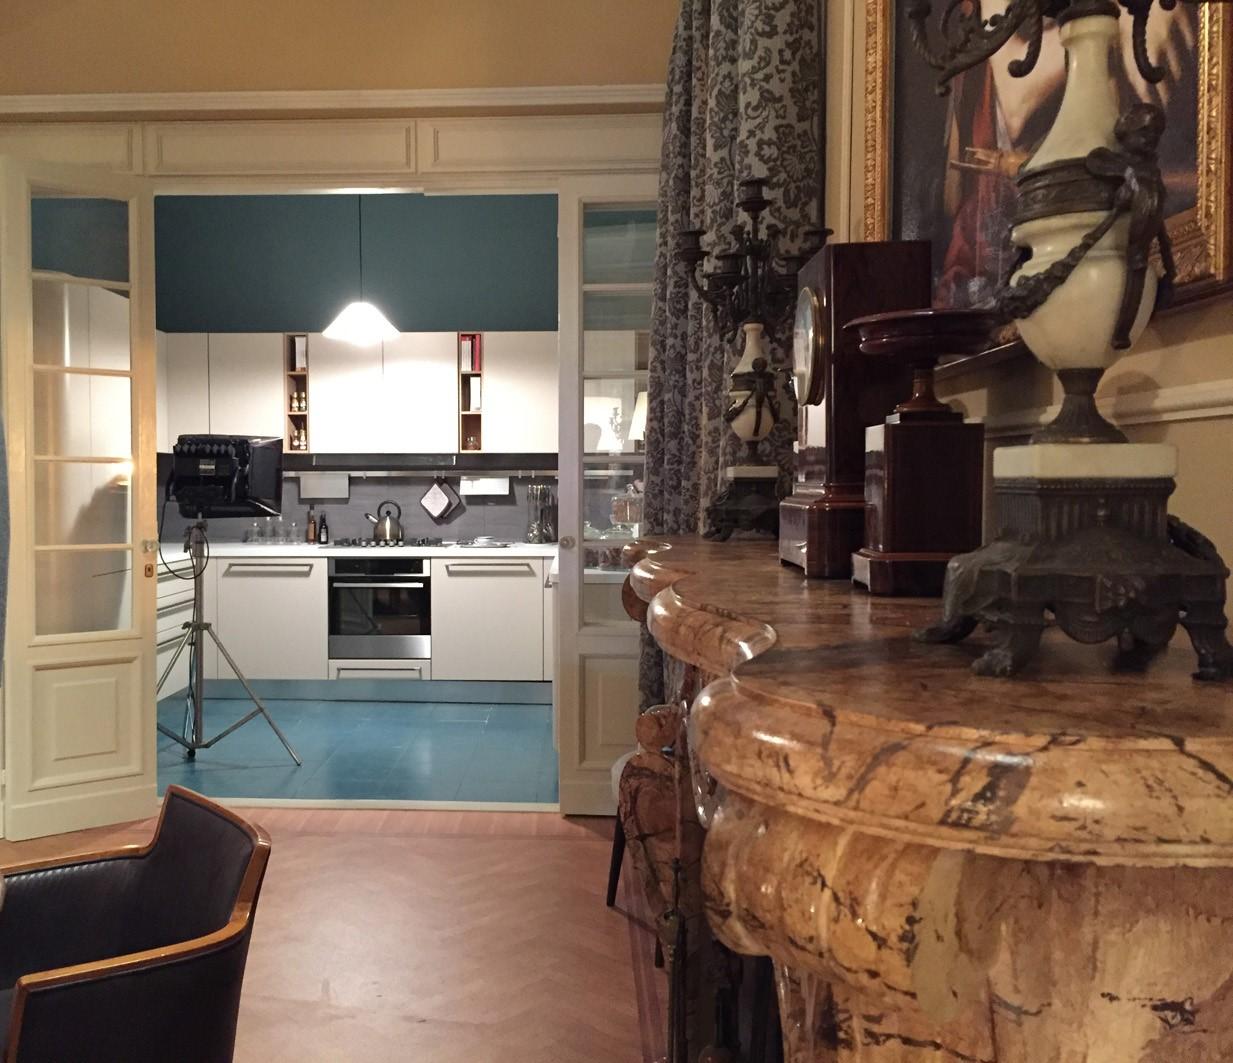 Una cucina Lube nel nuovo film di Verdone | Cronache Maceratesi